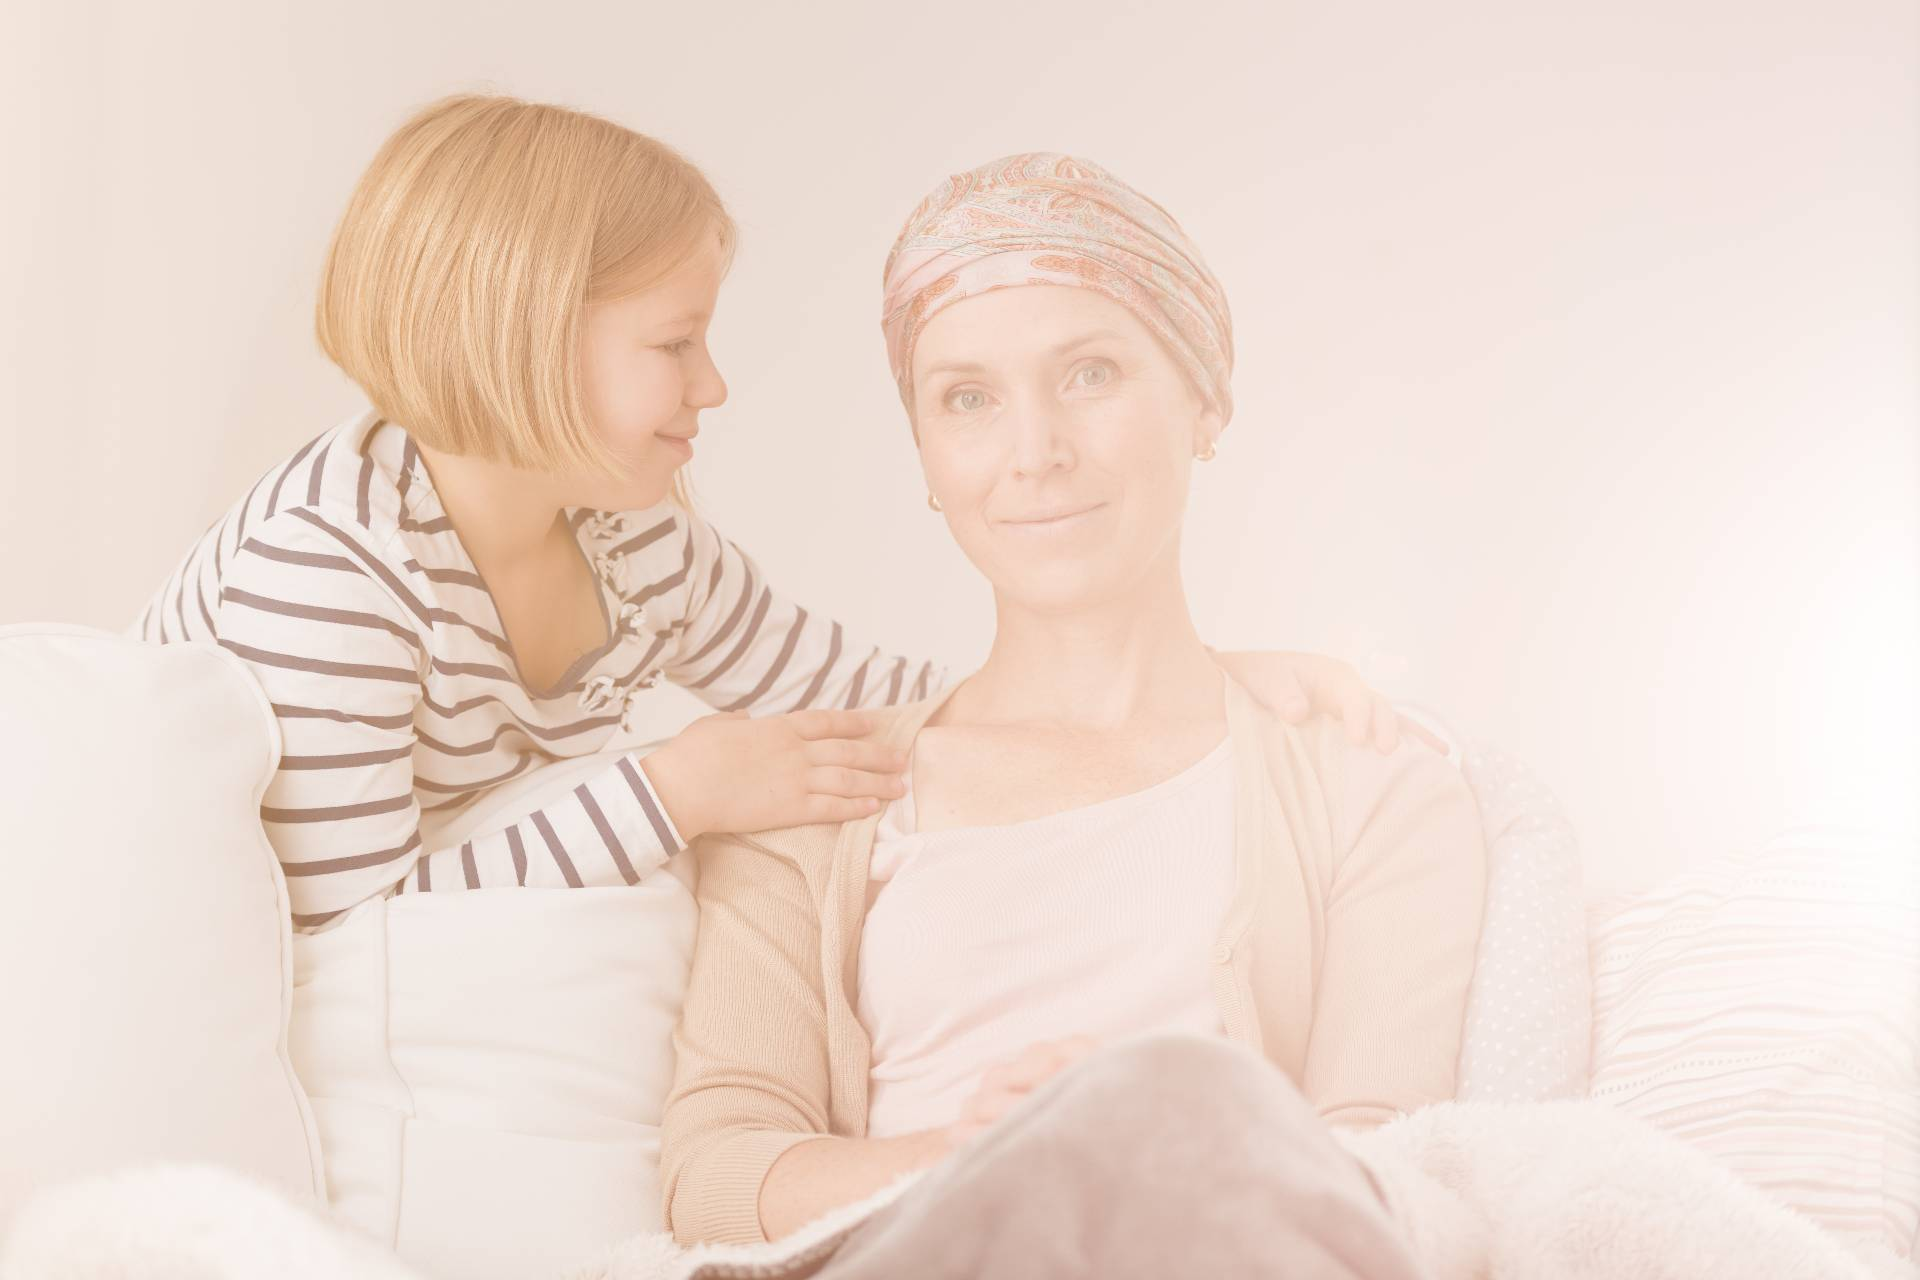 Cómo superar la quimioterapia - Consejos Para el Cáncer de Mama